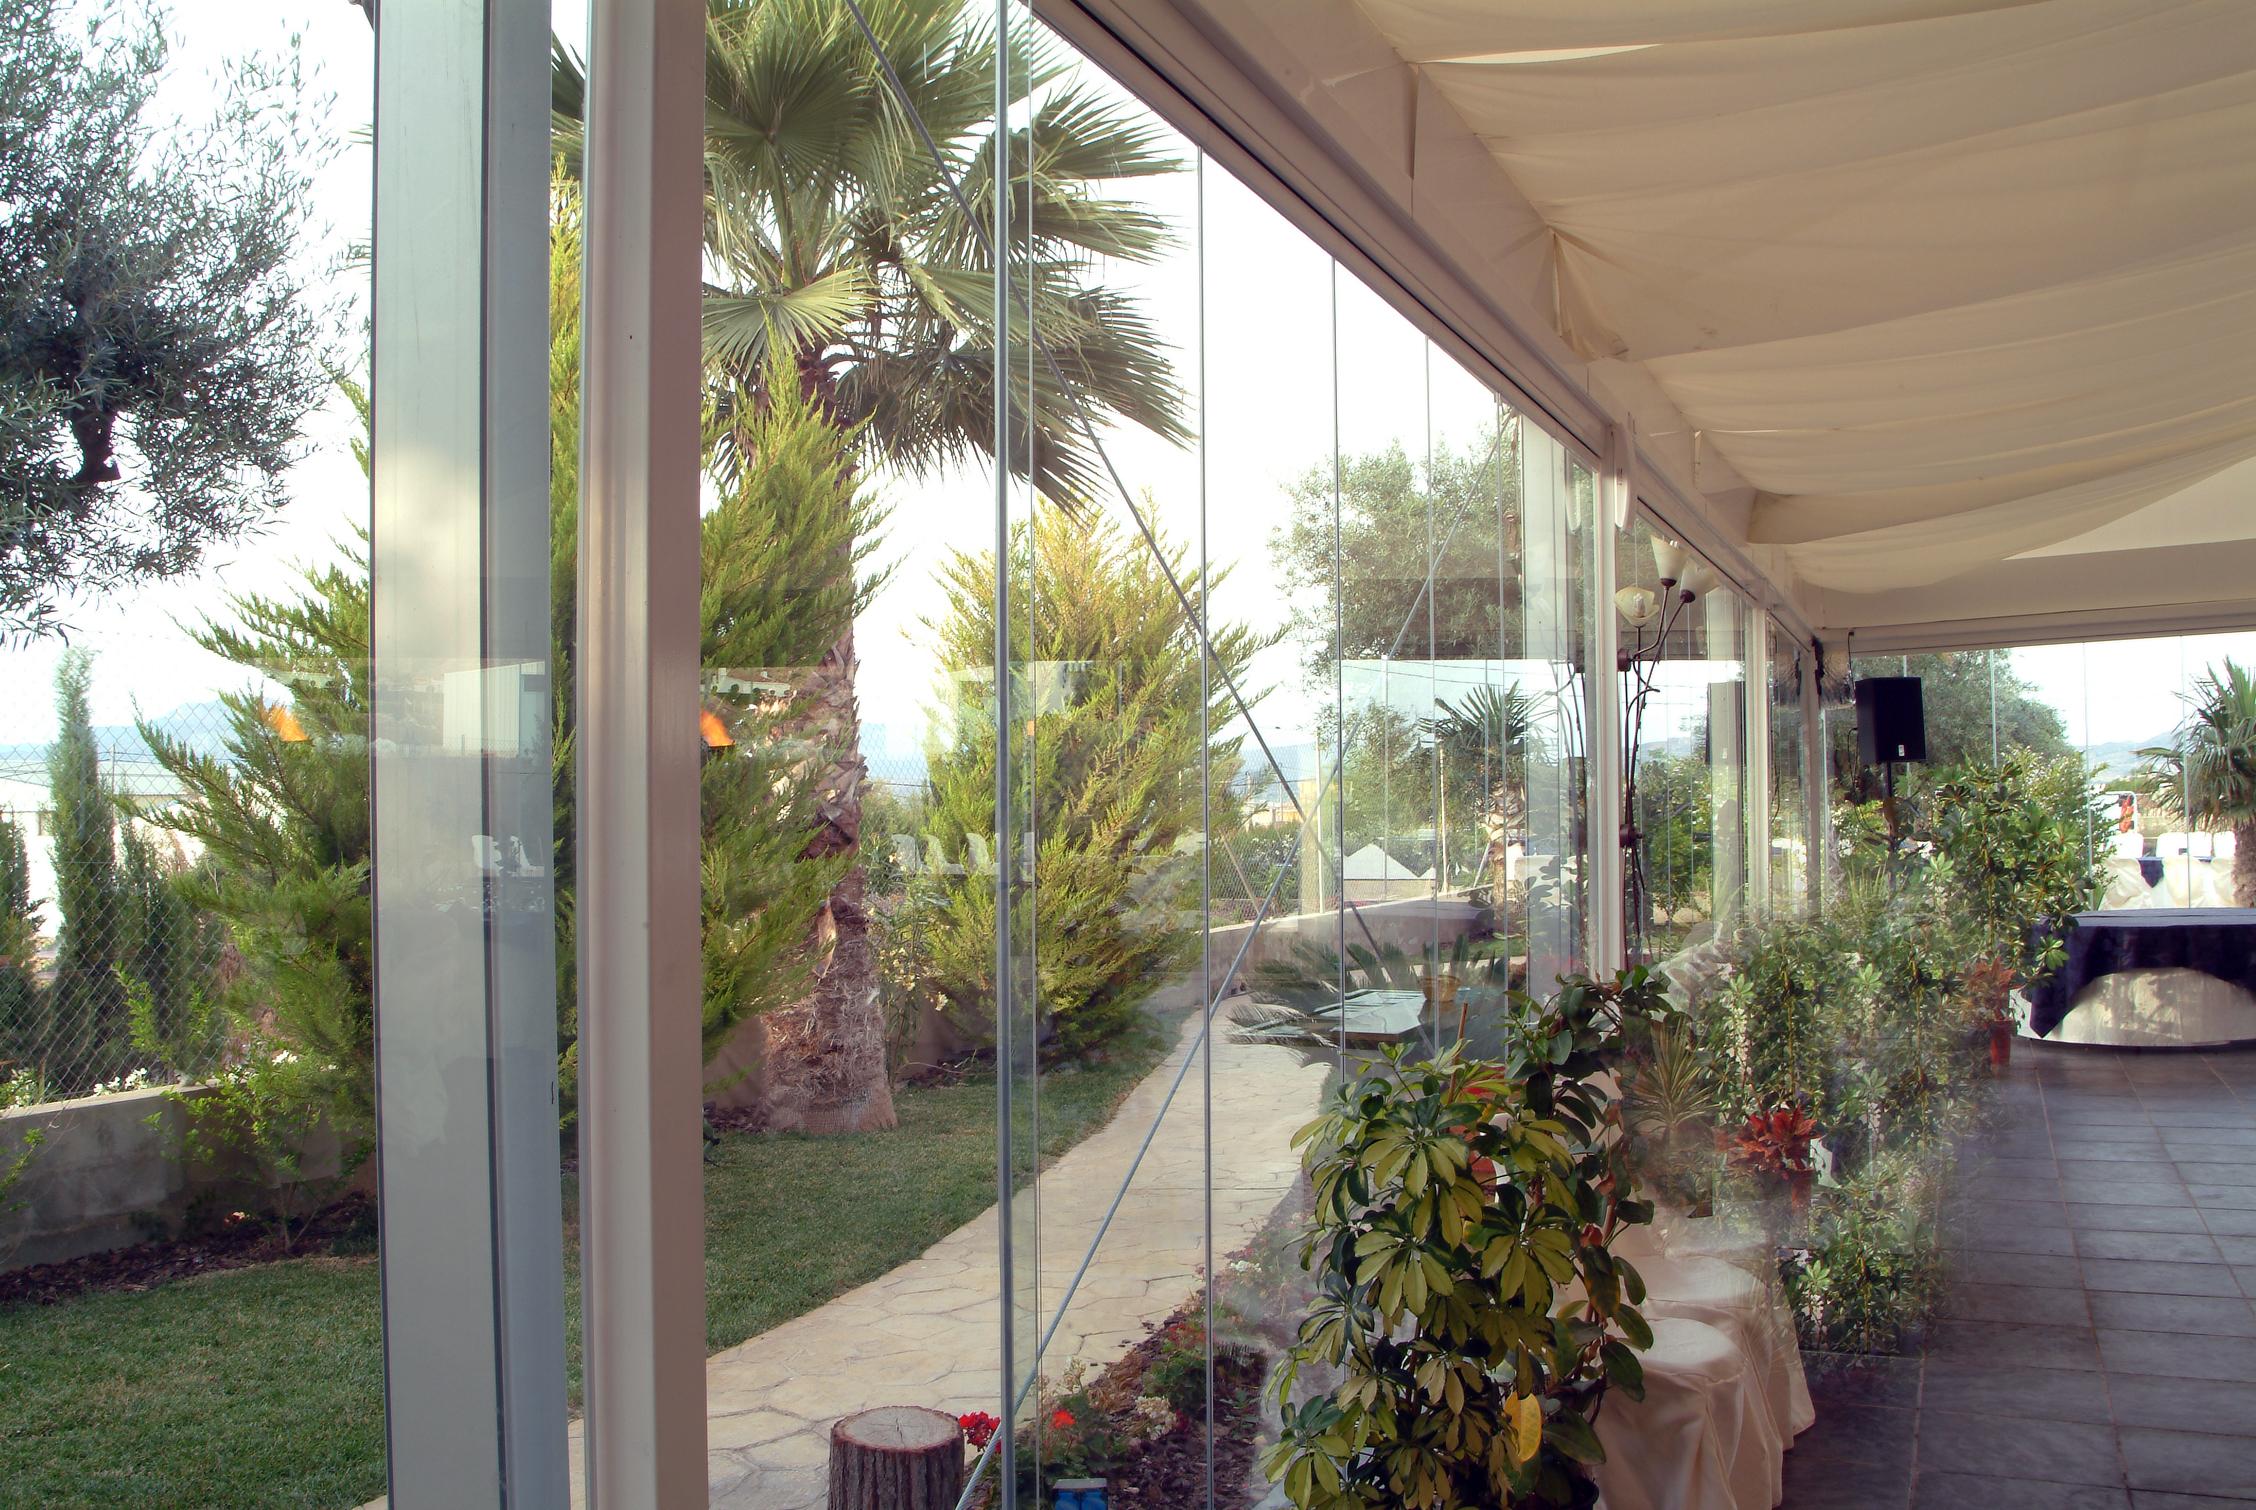 Fermeture Vitree Restaurant 6